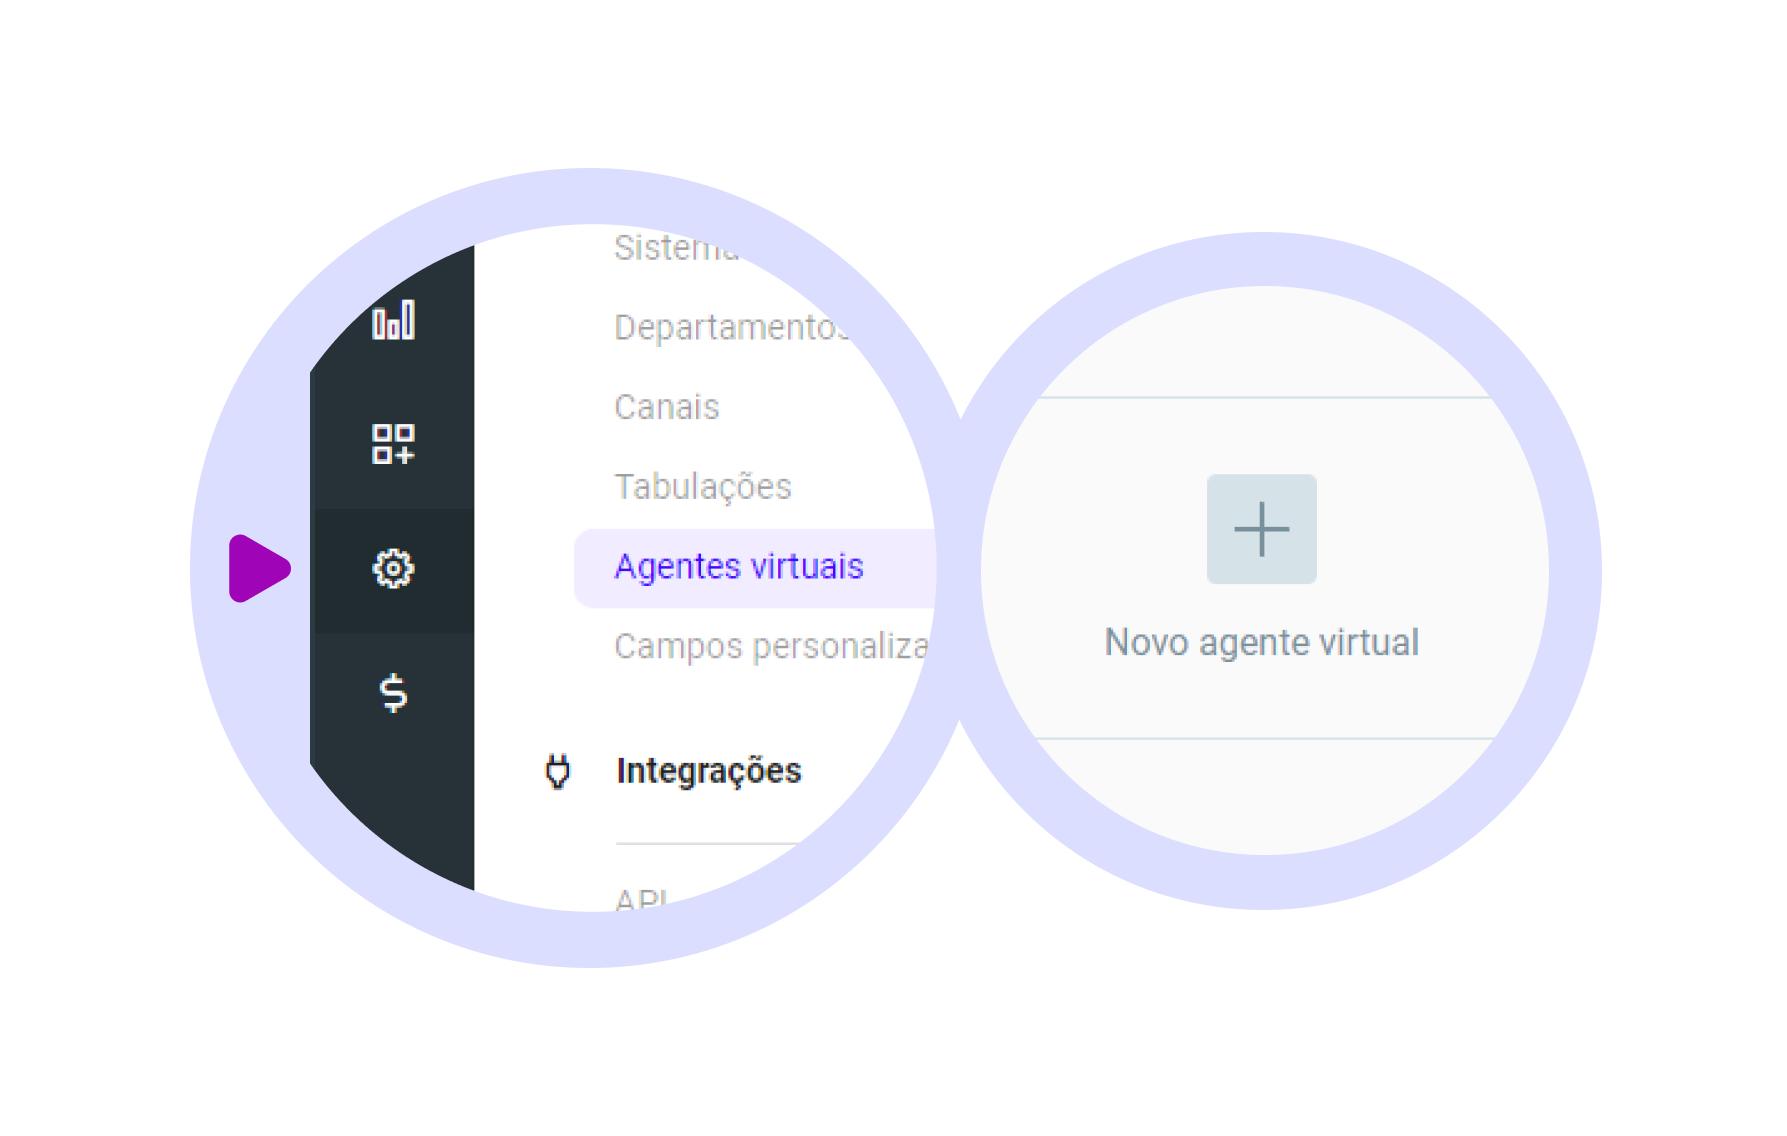 Defina seu Agente de atendimento virtual, para que ele interaja com seus clientes